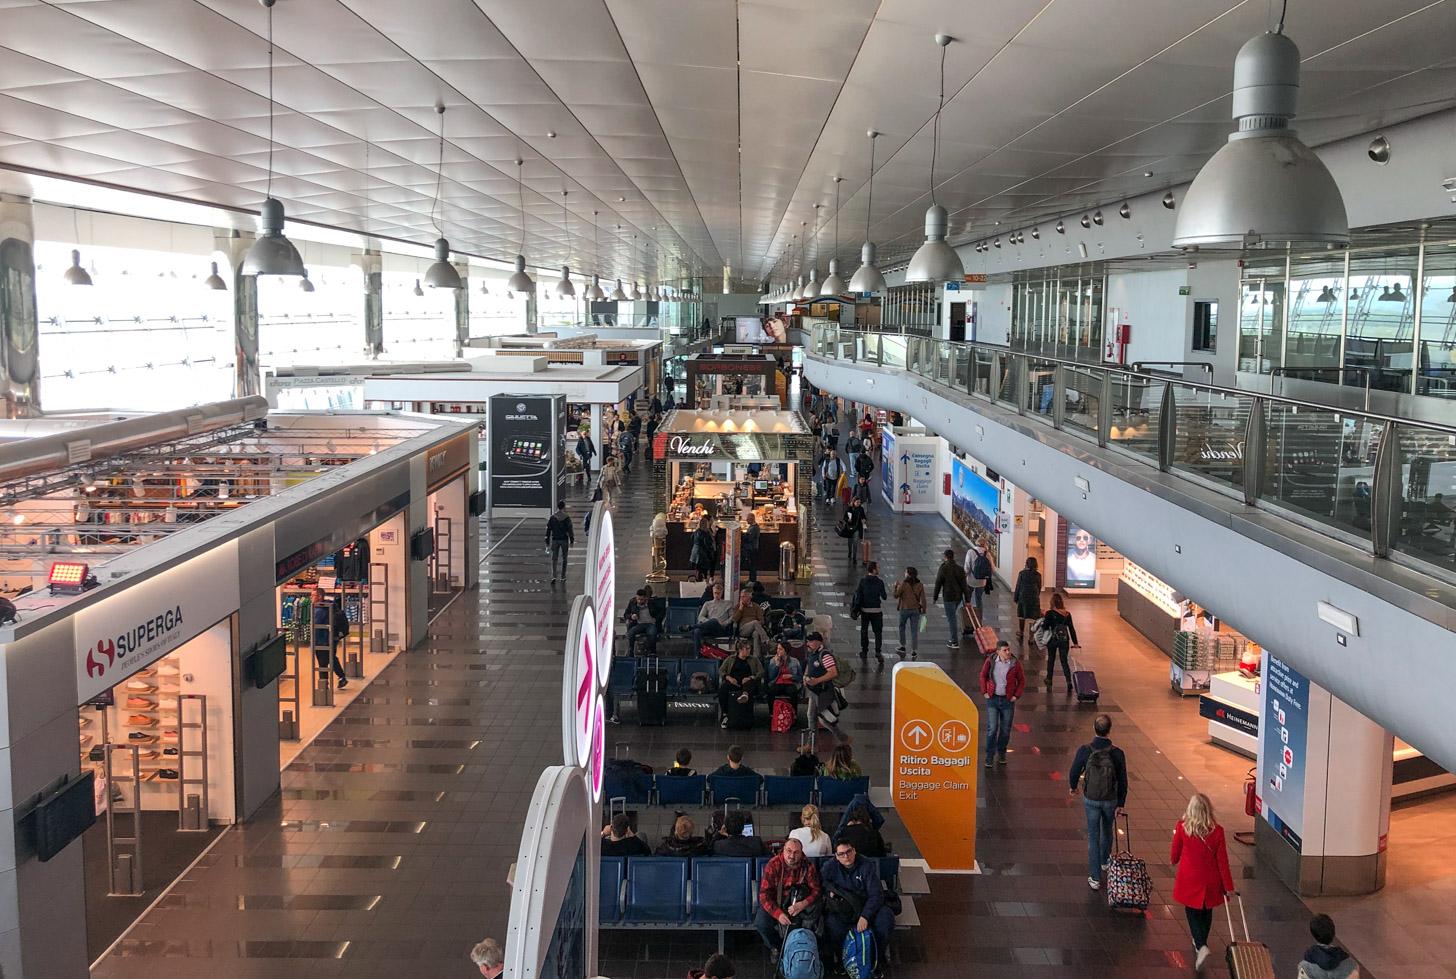 De luchthaven van Turijn